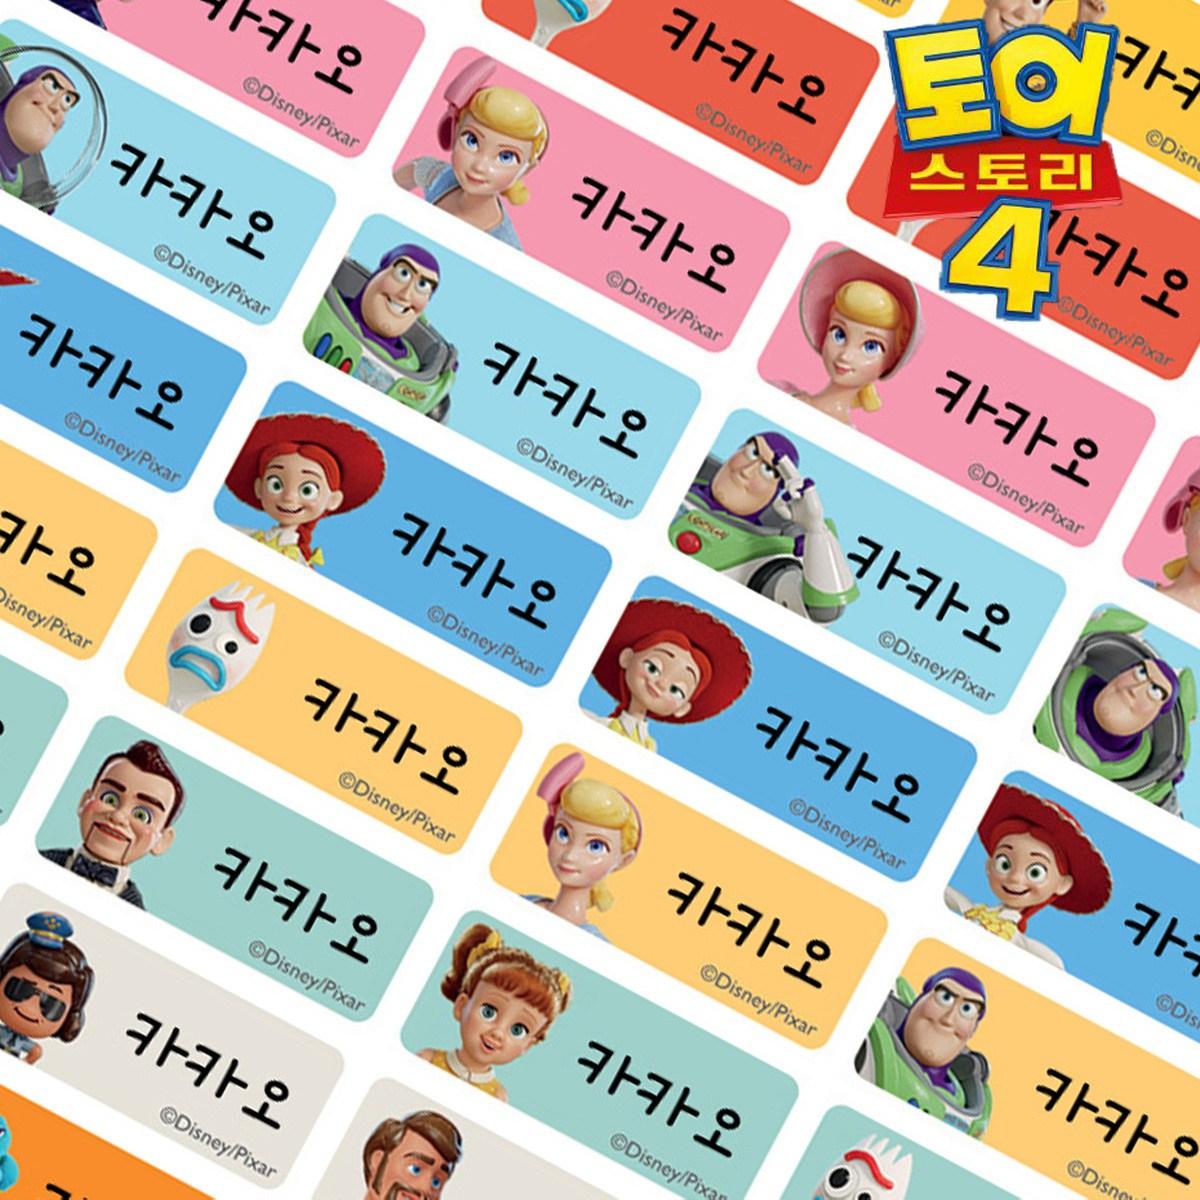 [카카오네임] 디즈니 캐릭터 방수네임스티커, 001_방수캐릭터 소형:◎토이스토리4 캐릭터, 1set